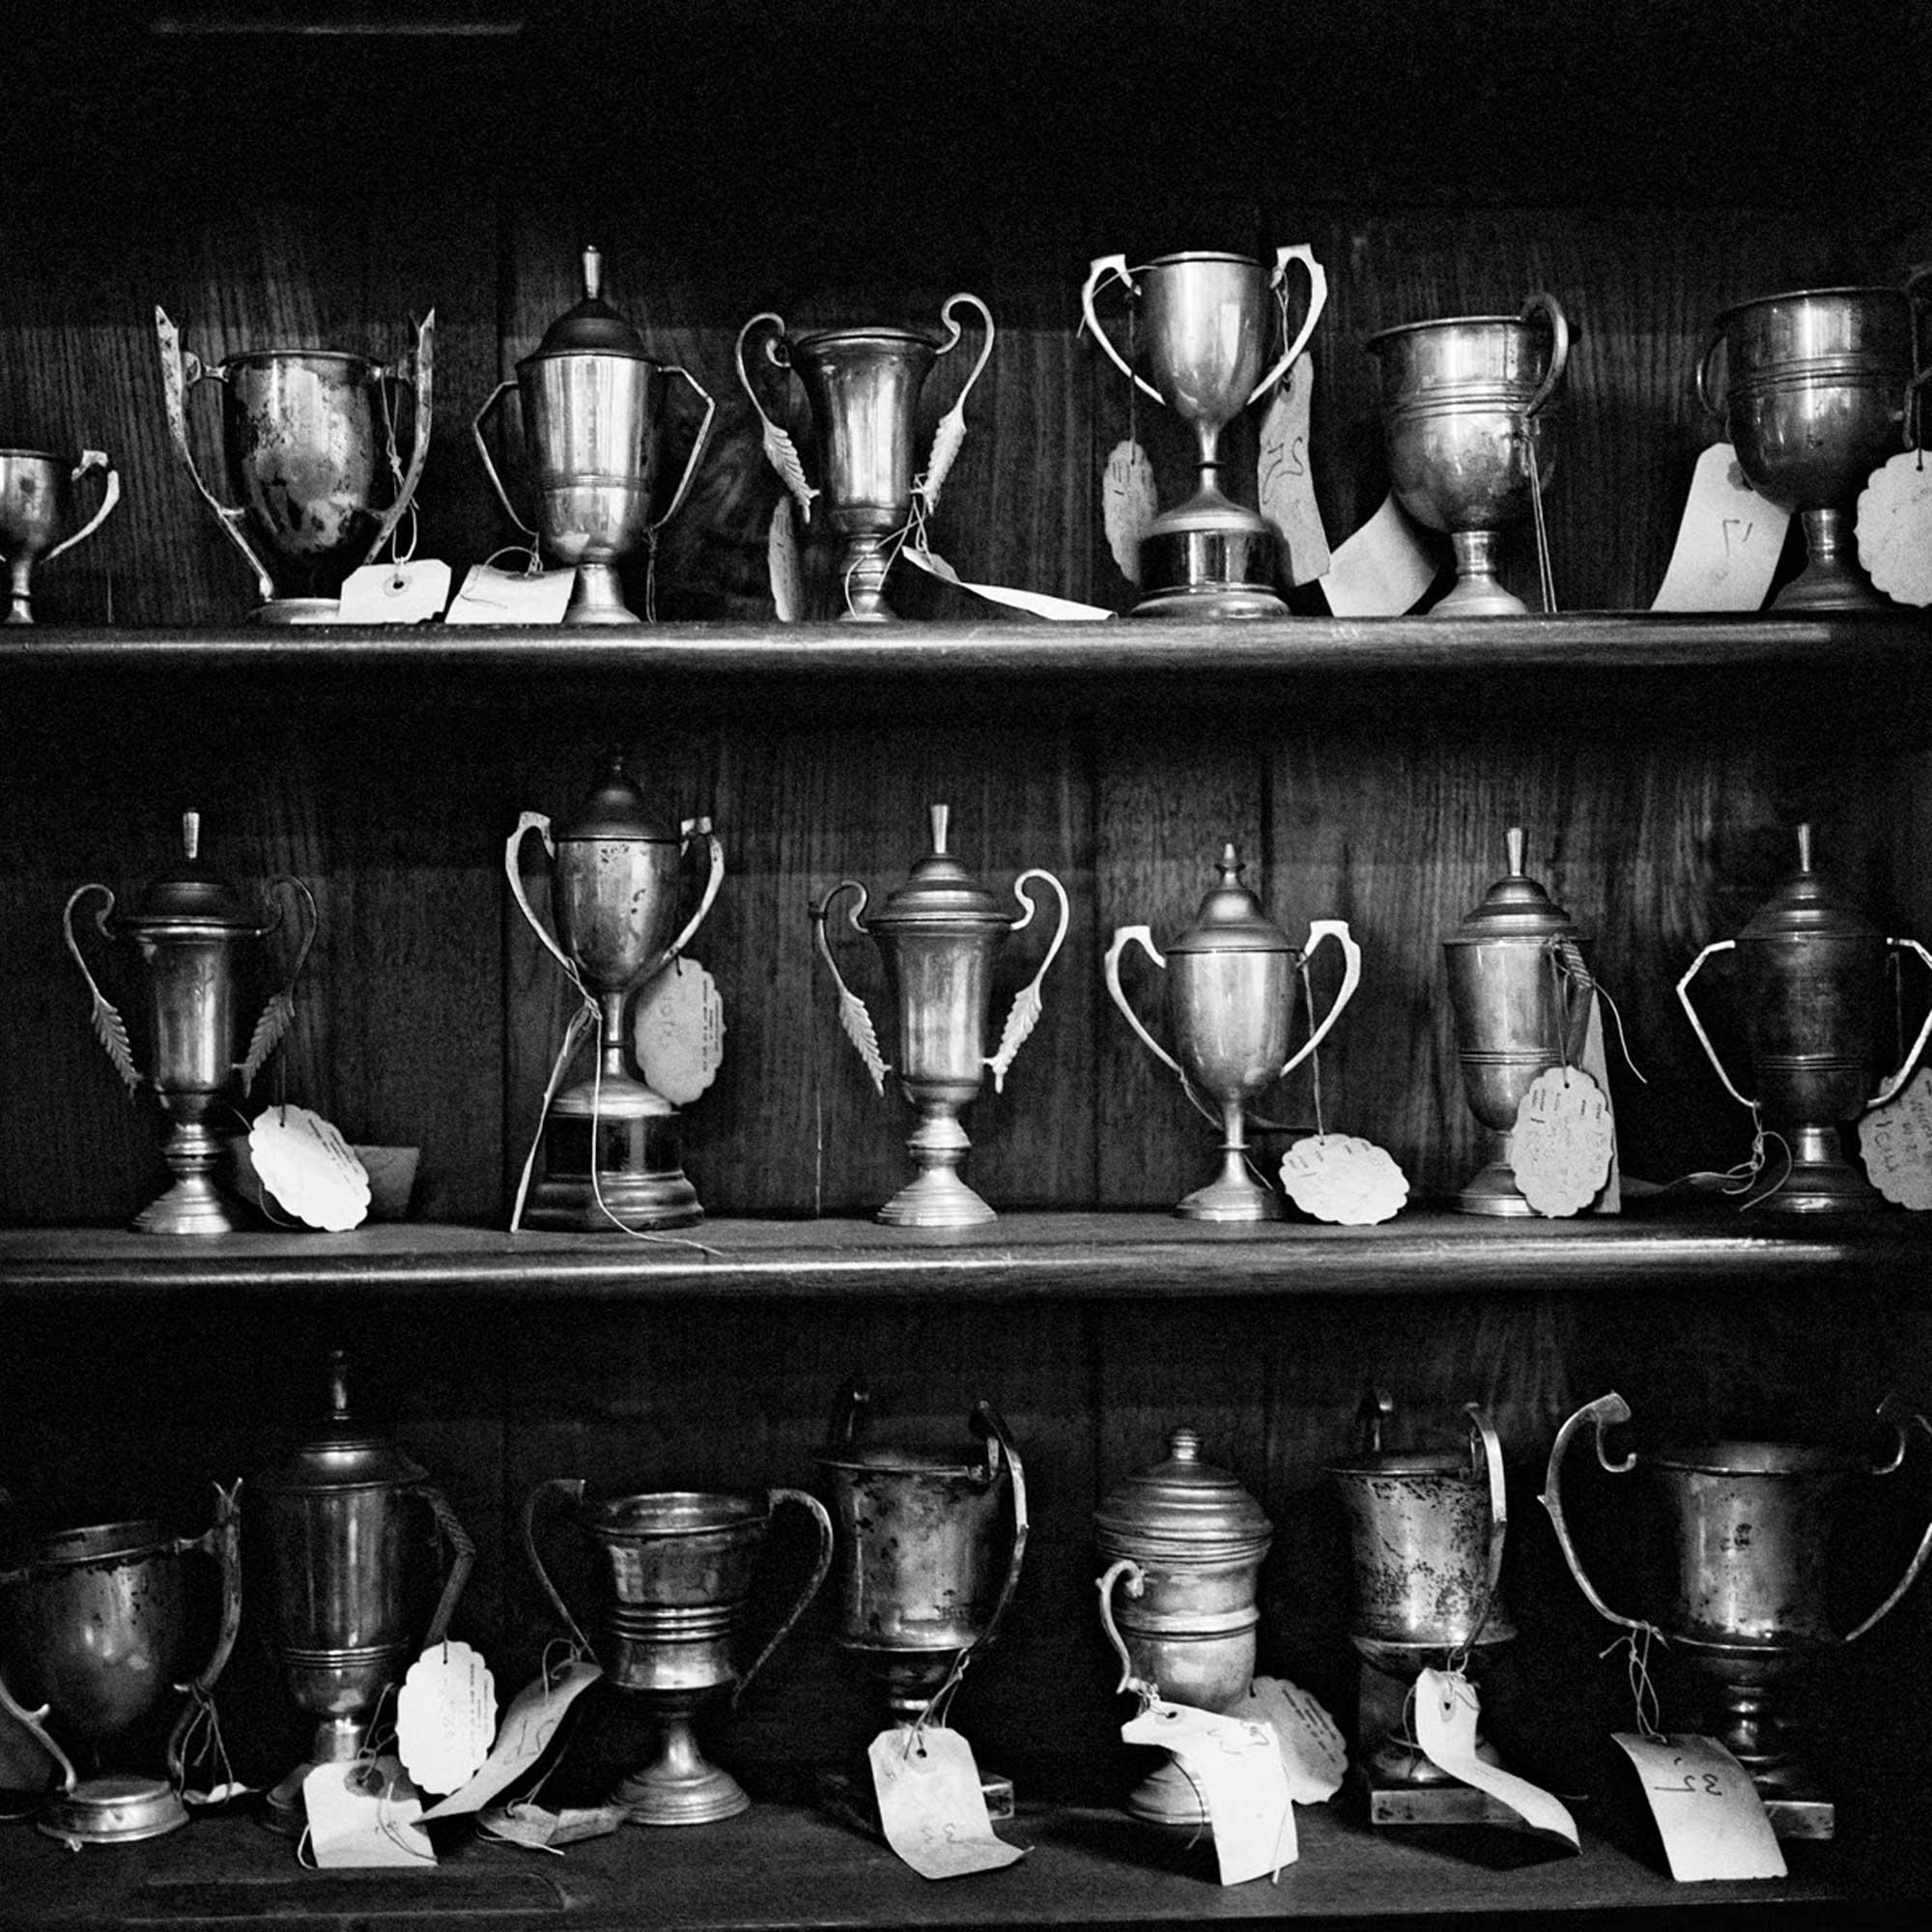 (1) Museo de trofeos